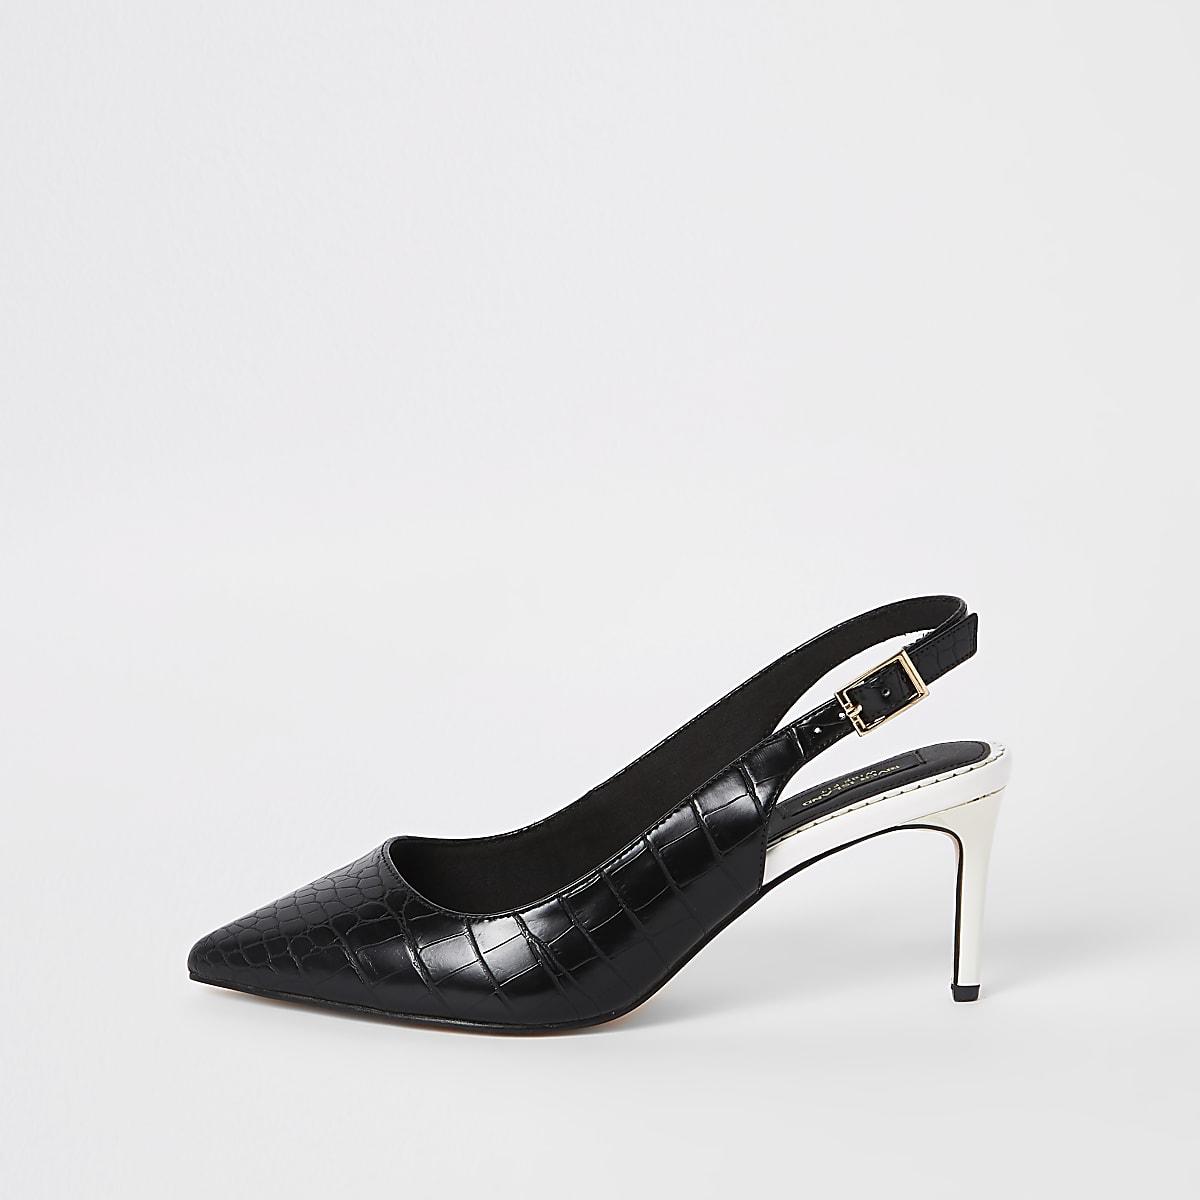 Black croc wide fit slingback court shoes